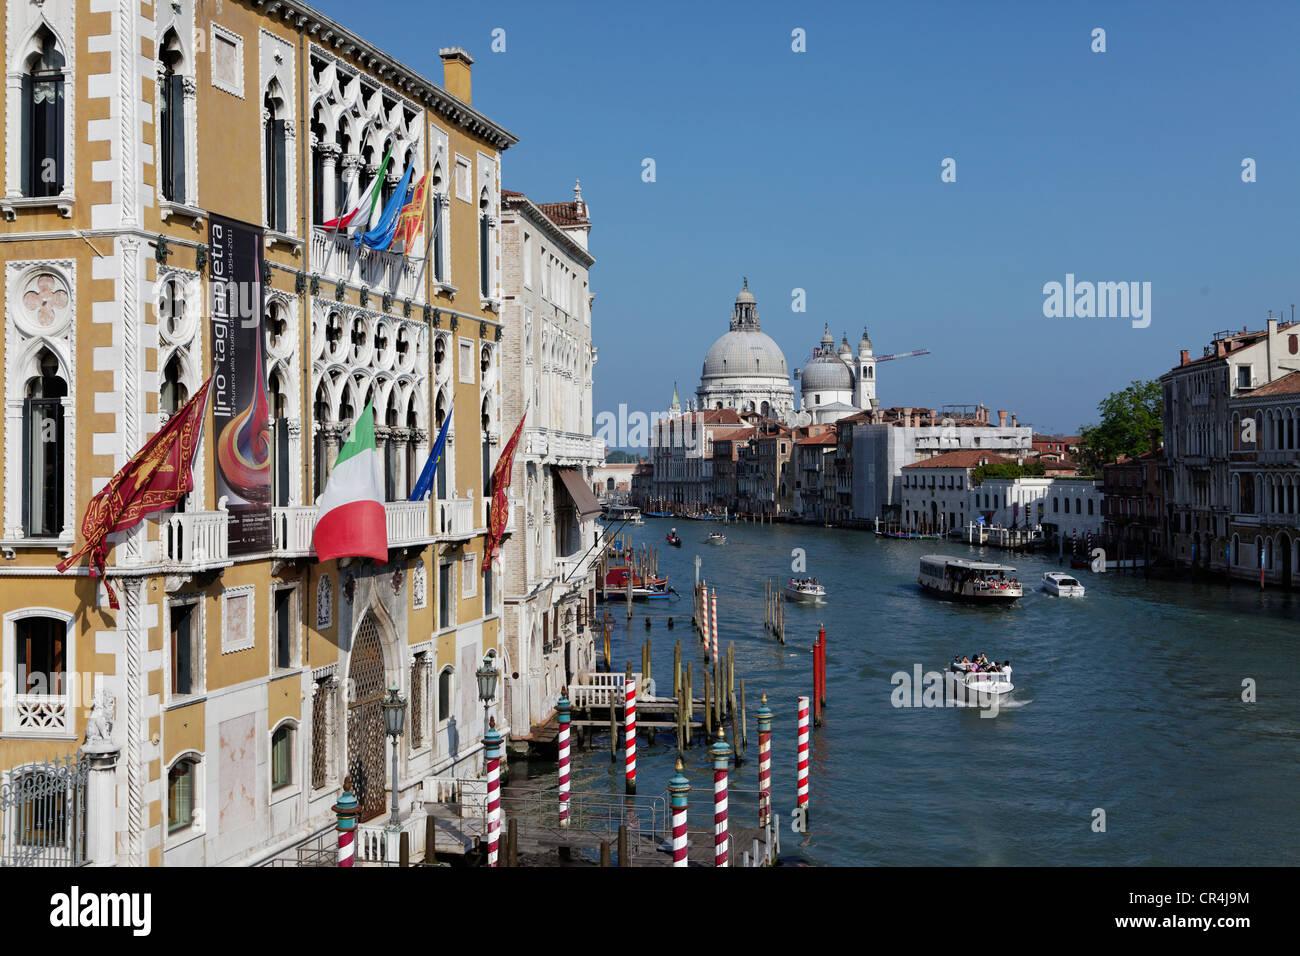 Istituto Veneto di Scienze, Lettere ed Arti, il Palazzo Cavalli Franchetti, la zona di San Marco, Venezia, patrimonio Immagini Stock